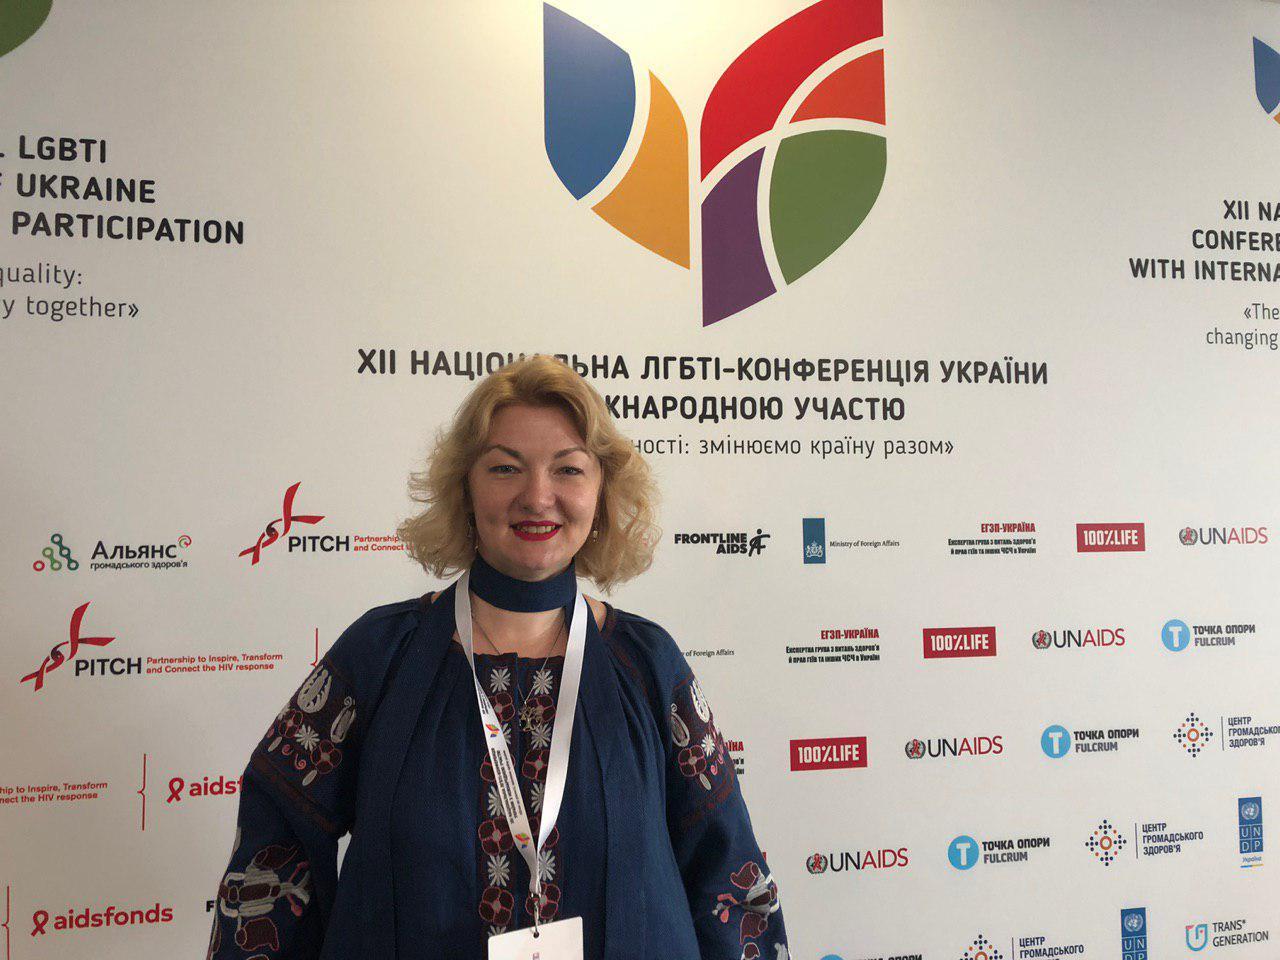 XII Национальная ЛГБТИ-конференция Украины